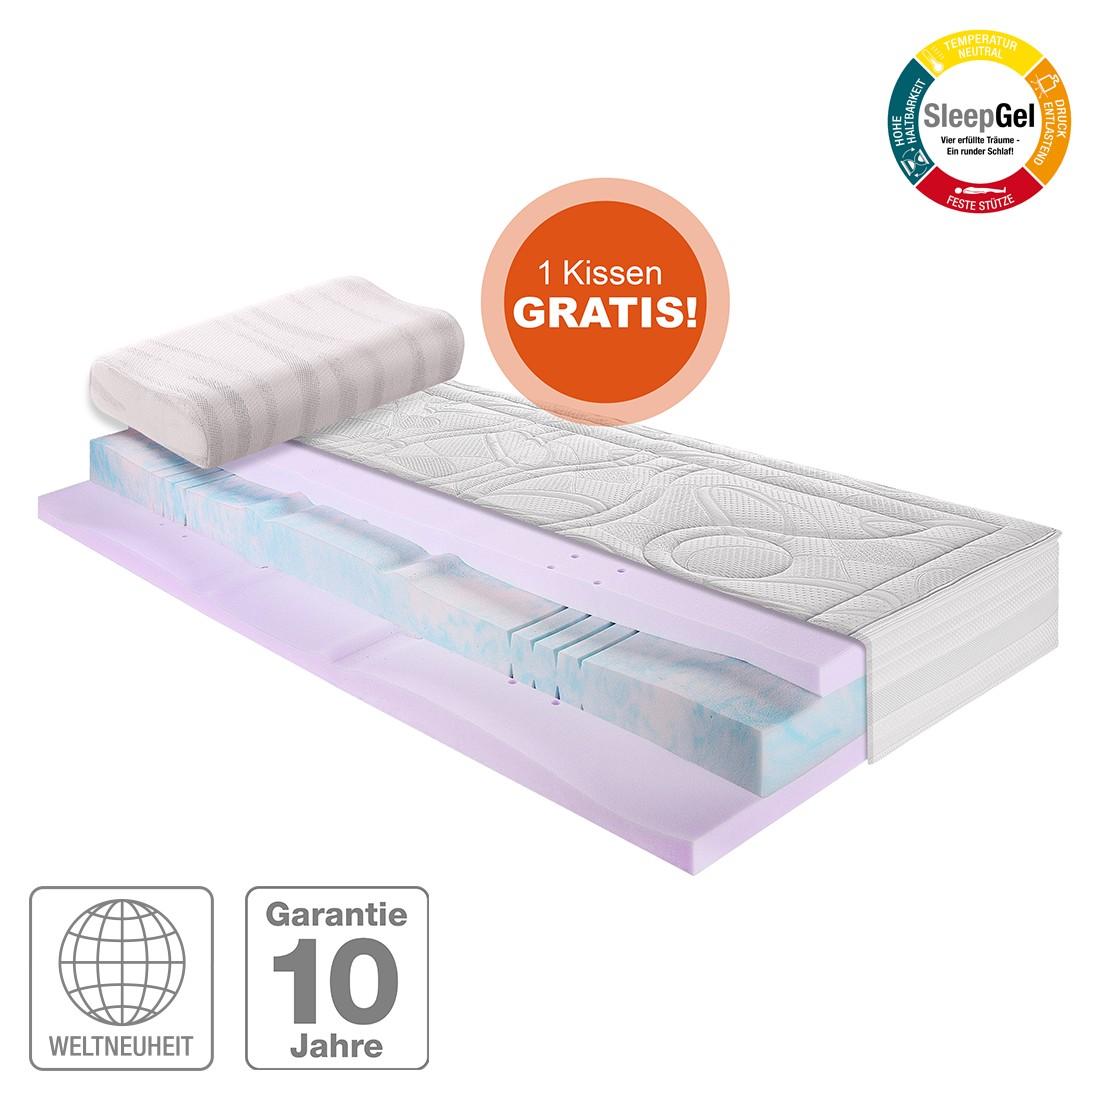 Sparset Sleep Gel 5 (inklusive Nackenstützkissen) – Kaltschaum Gel Matratze – 90 x 200cm – H3 ab 80 kg, Breckle online kaufen